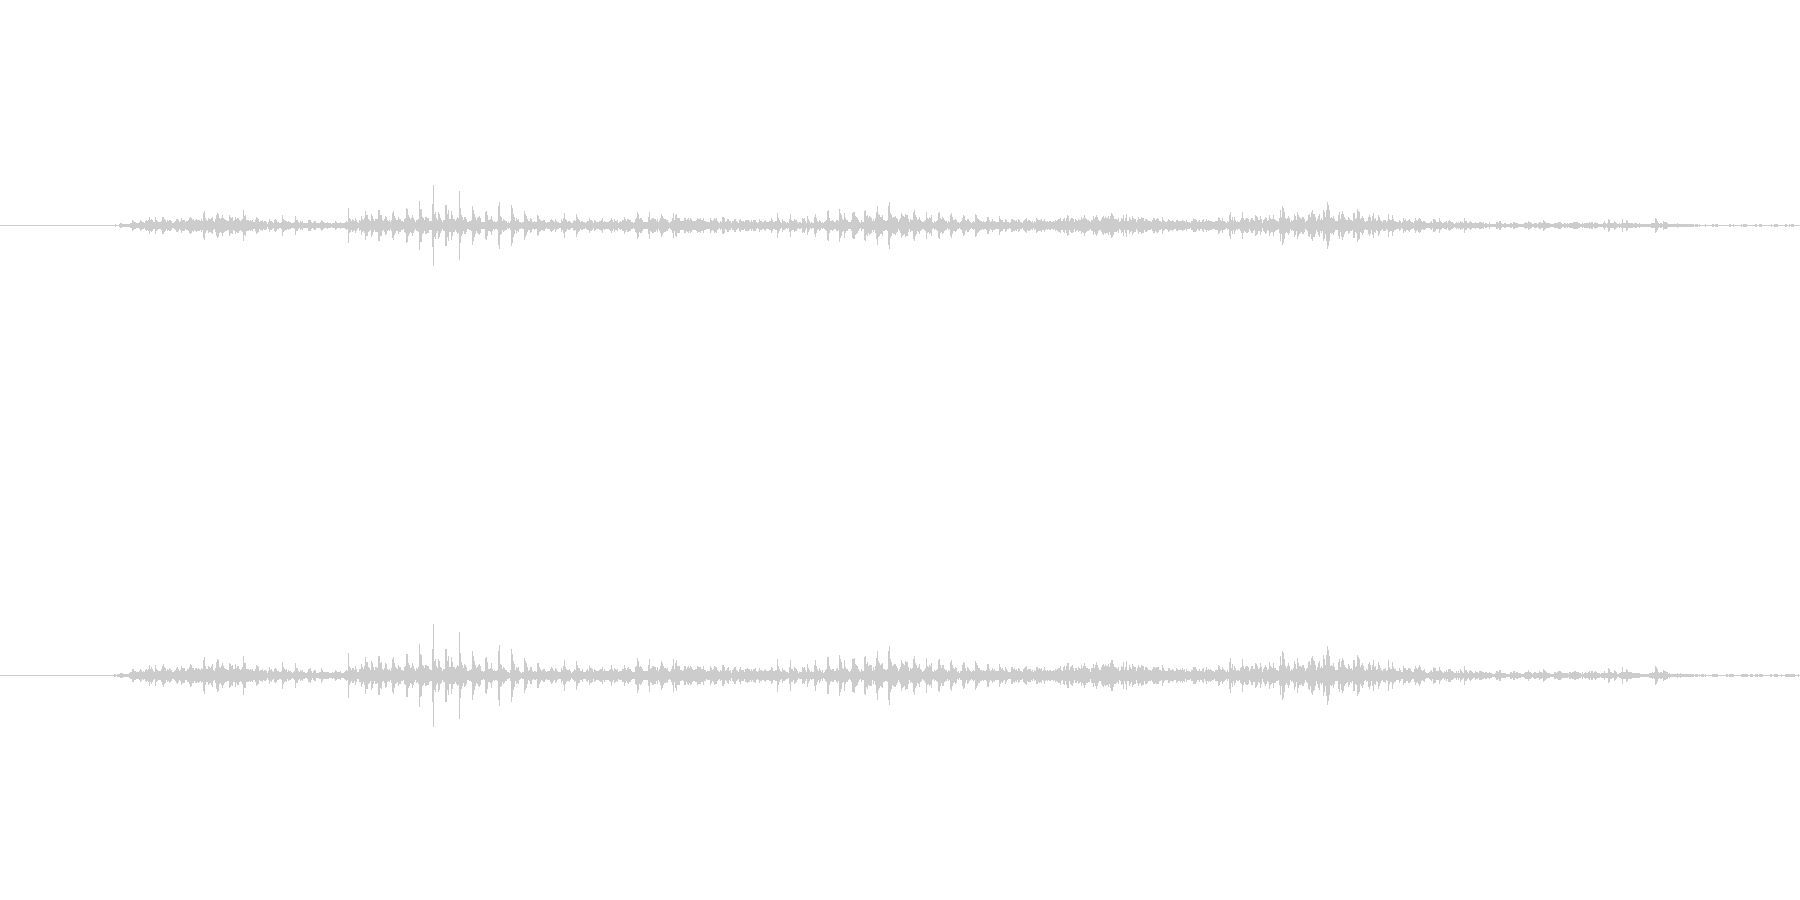 ダイヤルを回す音。カラカラとガラガラの…の未再生の波形